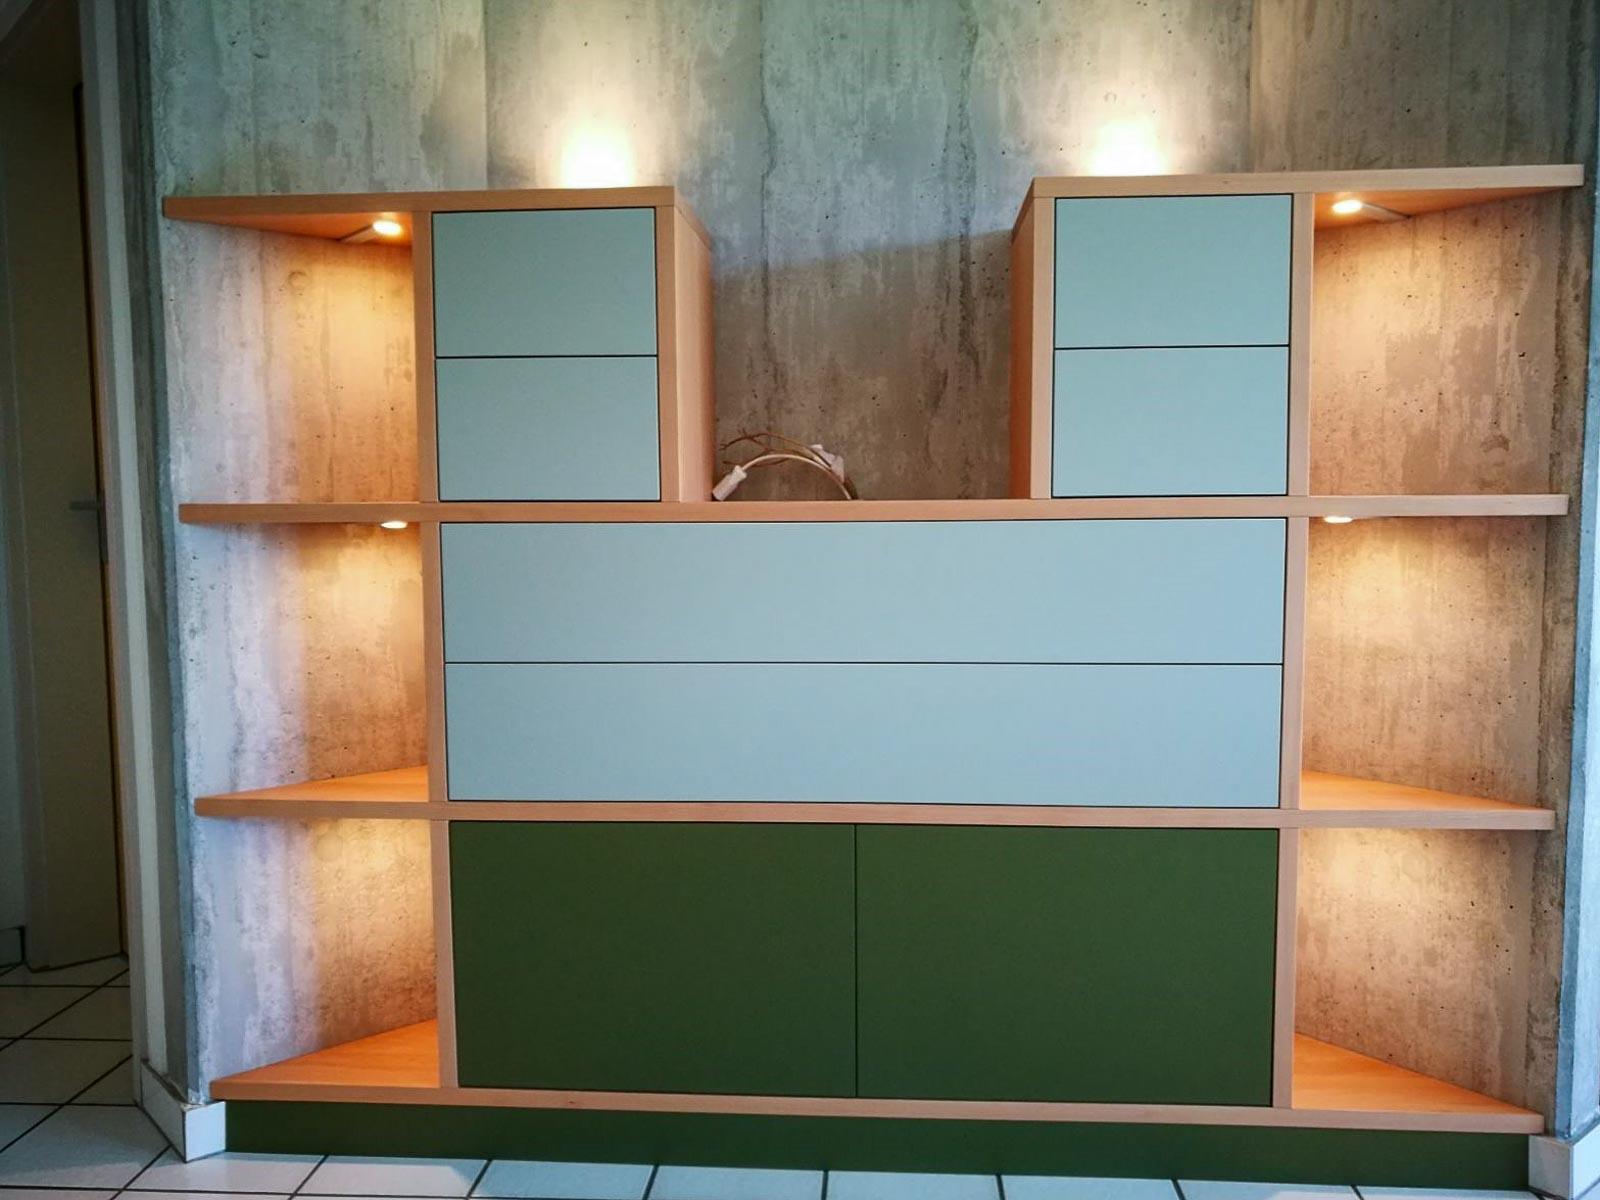 Wooddesign_Wohnzimmermöbe_Stereomöbel_LED-Beleuchtung_Schubladen_Push (4)